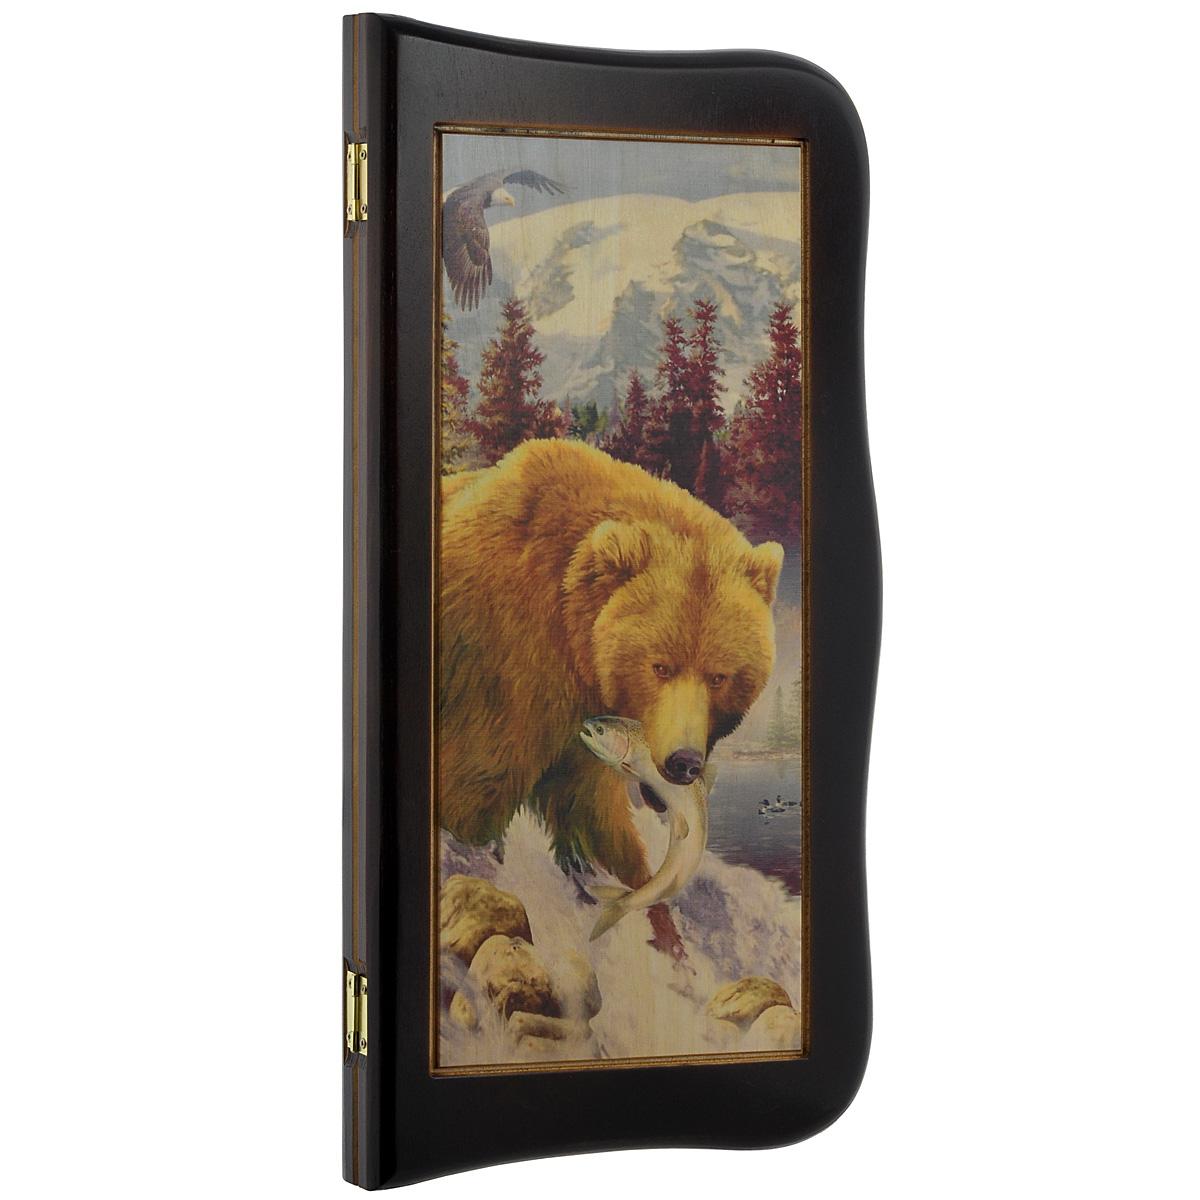 Нарды средние Perfecto Медведь, размер: 50х25х5 см. rez-095rez-095Нарды Медведь представляют собой деревянный кейс, выполненный из хвойных пород деревьев. Верхняя часть кейса украшена изображением медведя с рыбой в пасти. Обратная сторона резная, с полем для игры в шашки. Внутренняя часть кейса - игровое поле для игры в нарды. В набор входят два игральных кубика и деревянные шашки. Цель игры состоит в том, чтобы сначала привести шашки в свой дом (мешая в тоже время сделать это сопернику), а затем, когда это удалось сделать, снять их с доски быстрее соперника. Побеждает тот, кто первым снял свои шашки. Нарды - древняя восточная игра. Родина этой игры неизвестна, однако, известно, что люди играют в эту игру уже более 7000 лет. На игровой доске все кратно шести и имеет связь со временем. 24 пункта представляют 24 часа, 30 шашек представляют 30 дней в месяце, 12 пунктов на каждой стороне доски символизируют 12 месяцев. Нарды - это отличный подарок, который понравится каждому и подойдет к любому поводу. Высокое качество...